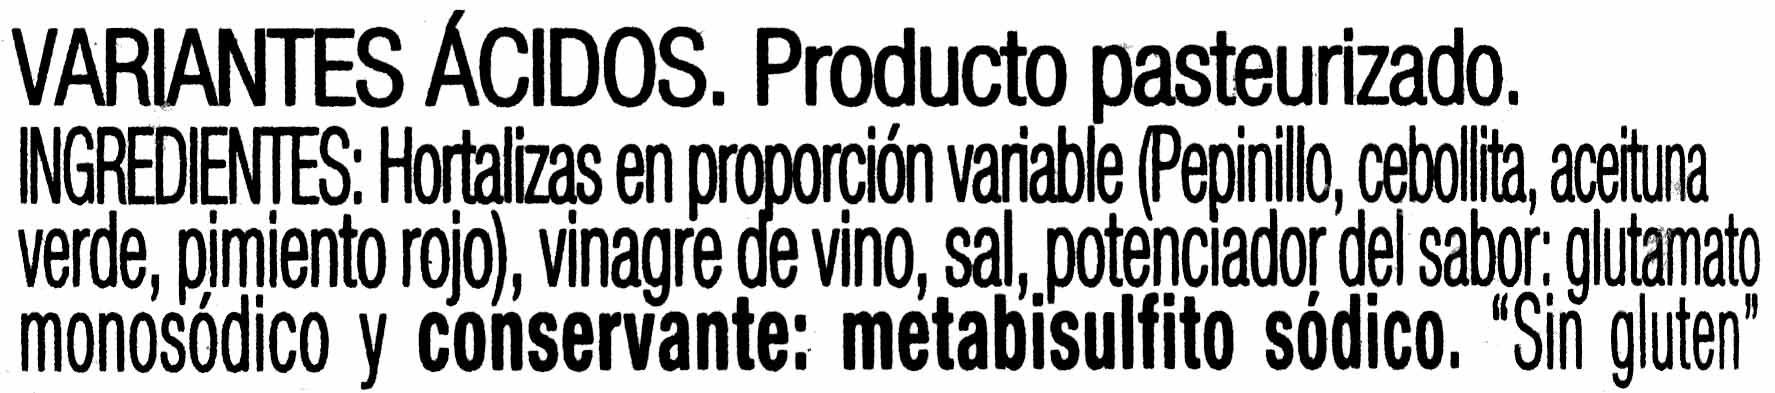 Aperitivo de encurtidos - Ingredientes